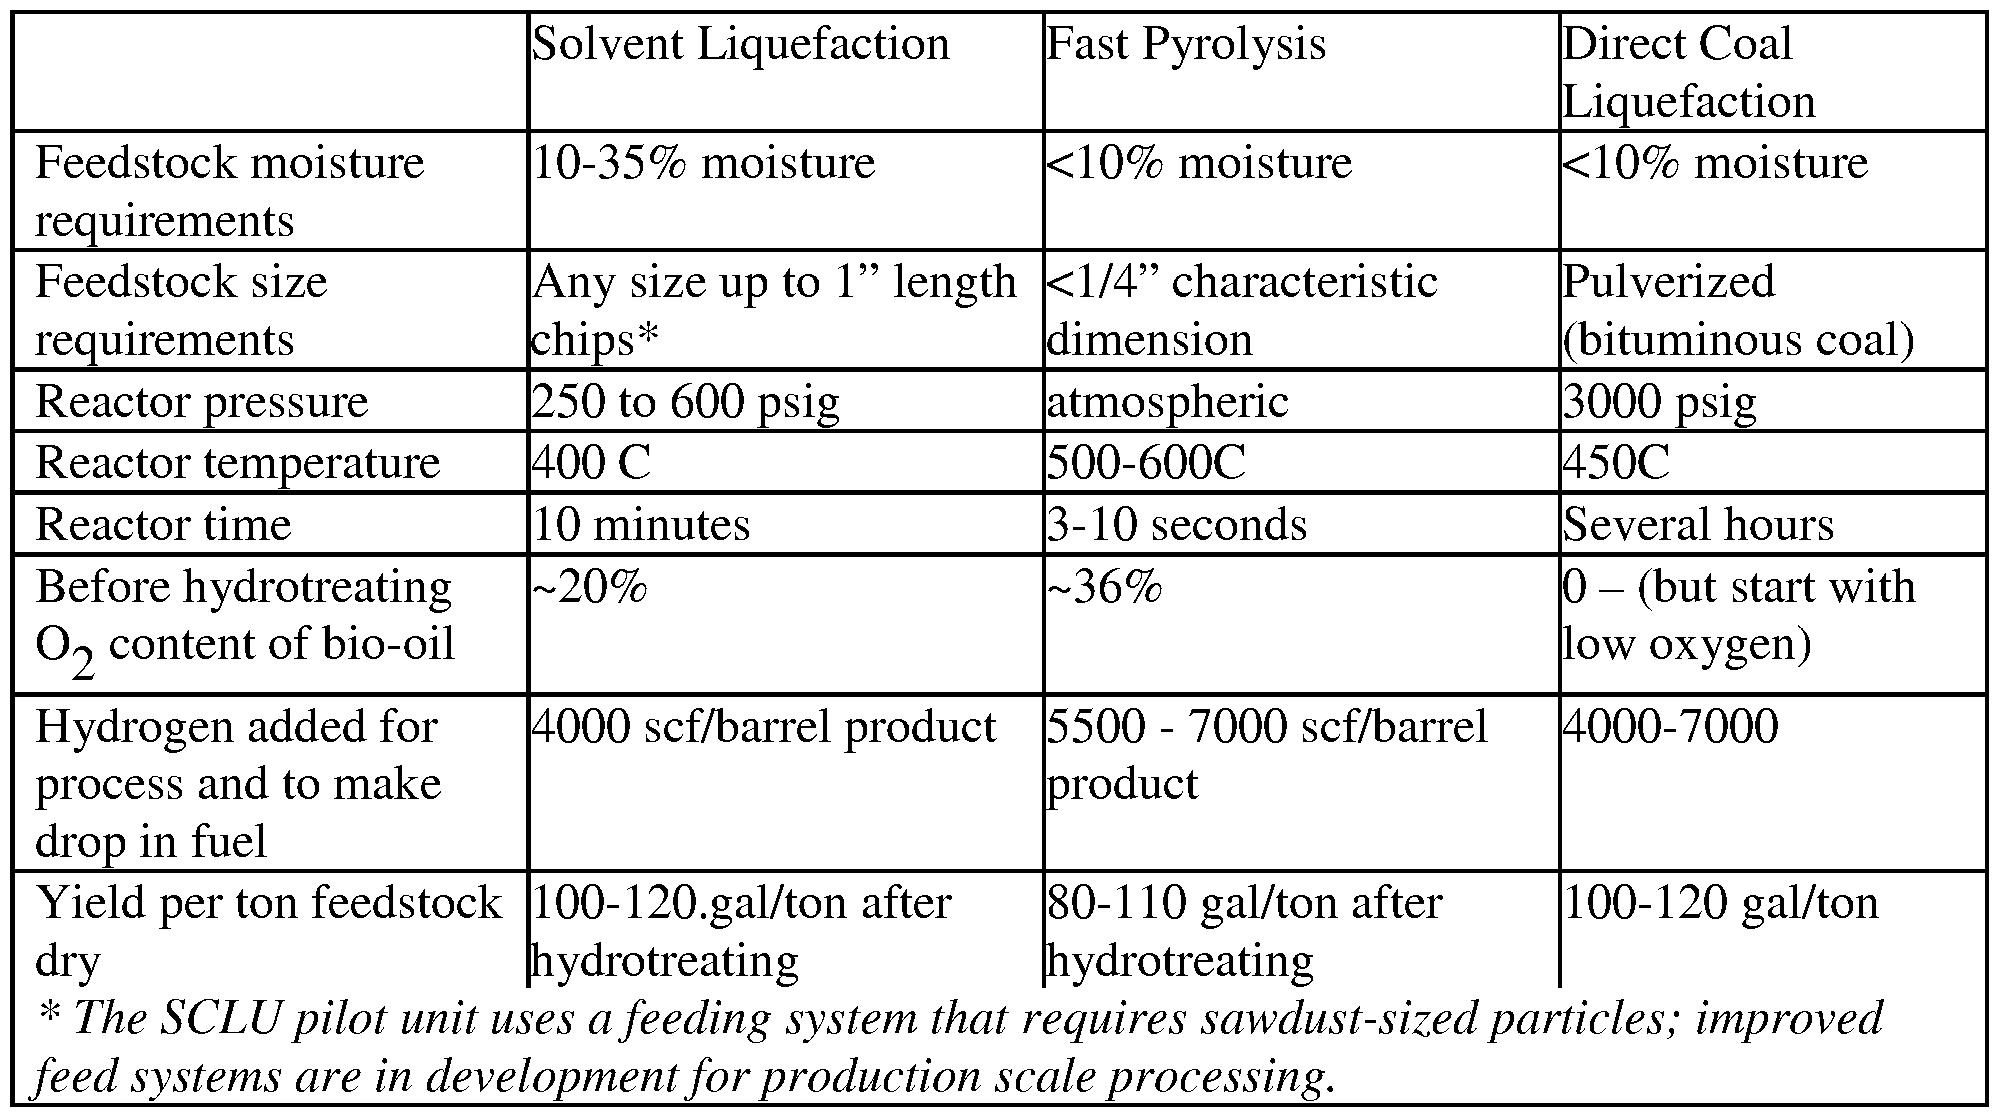 lng liquefaction process description essay